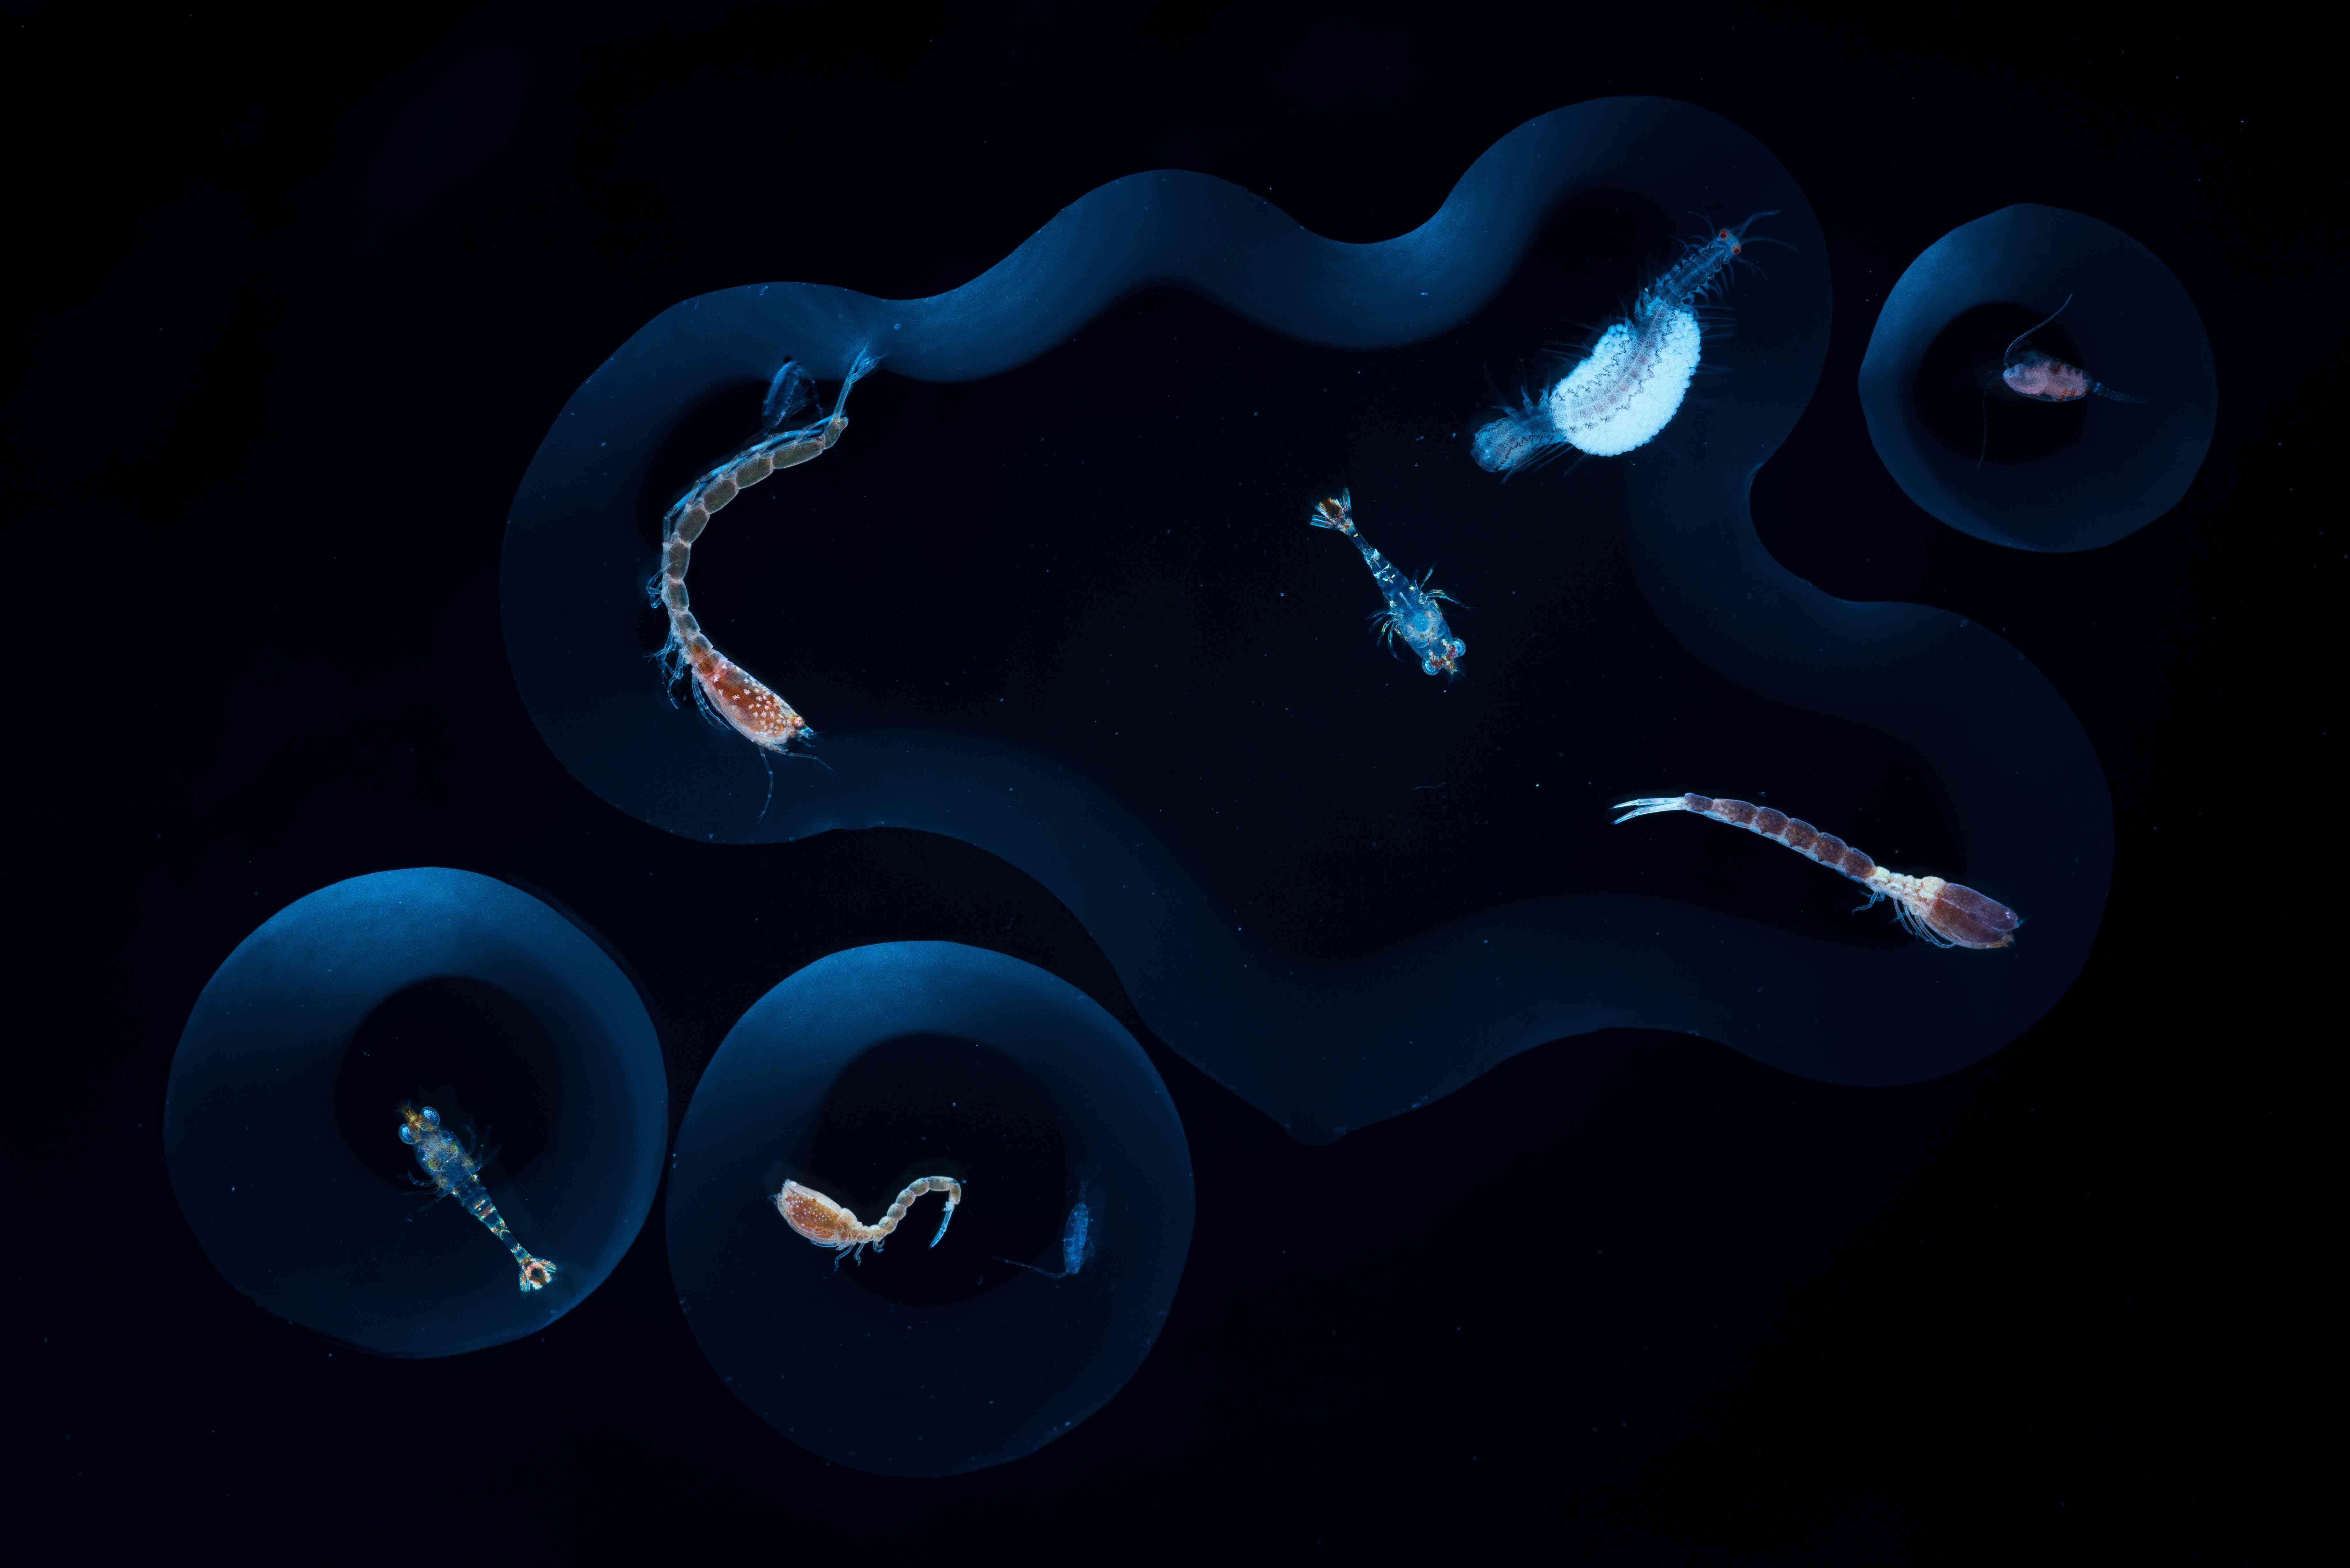 ocean microorganisms